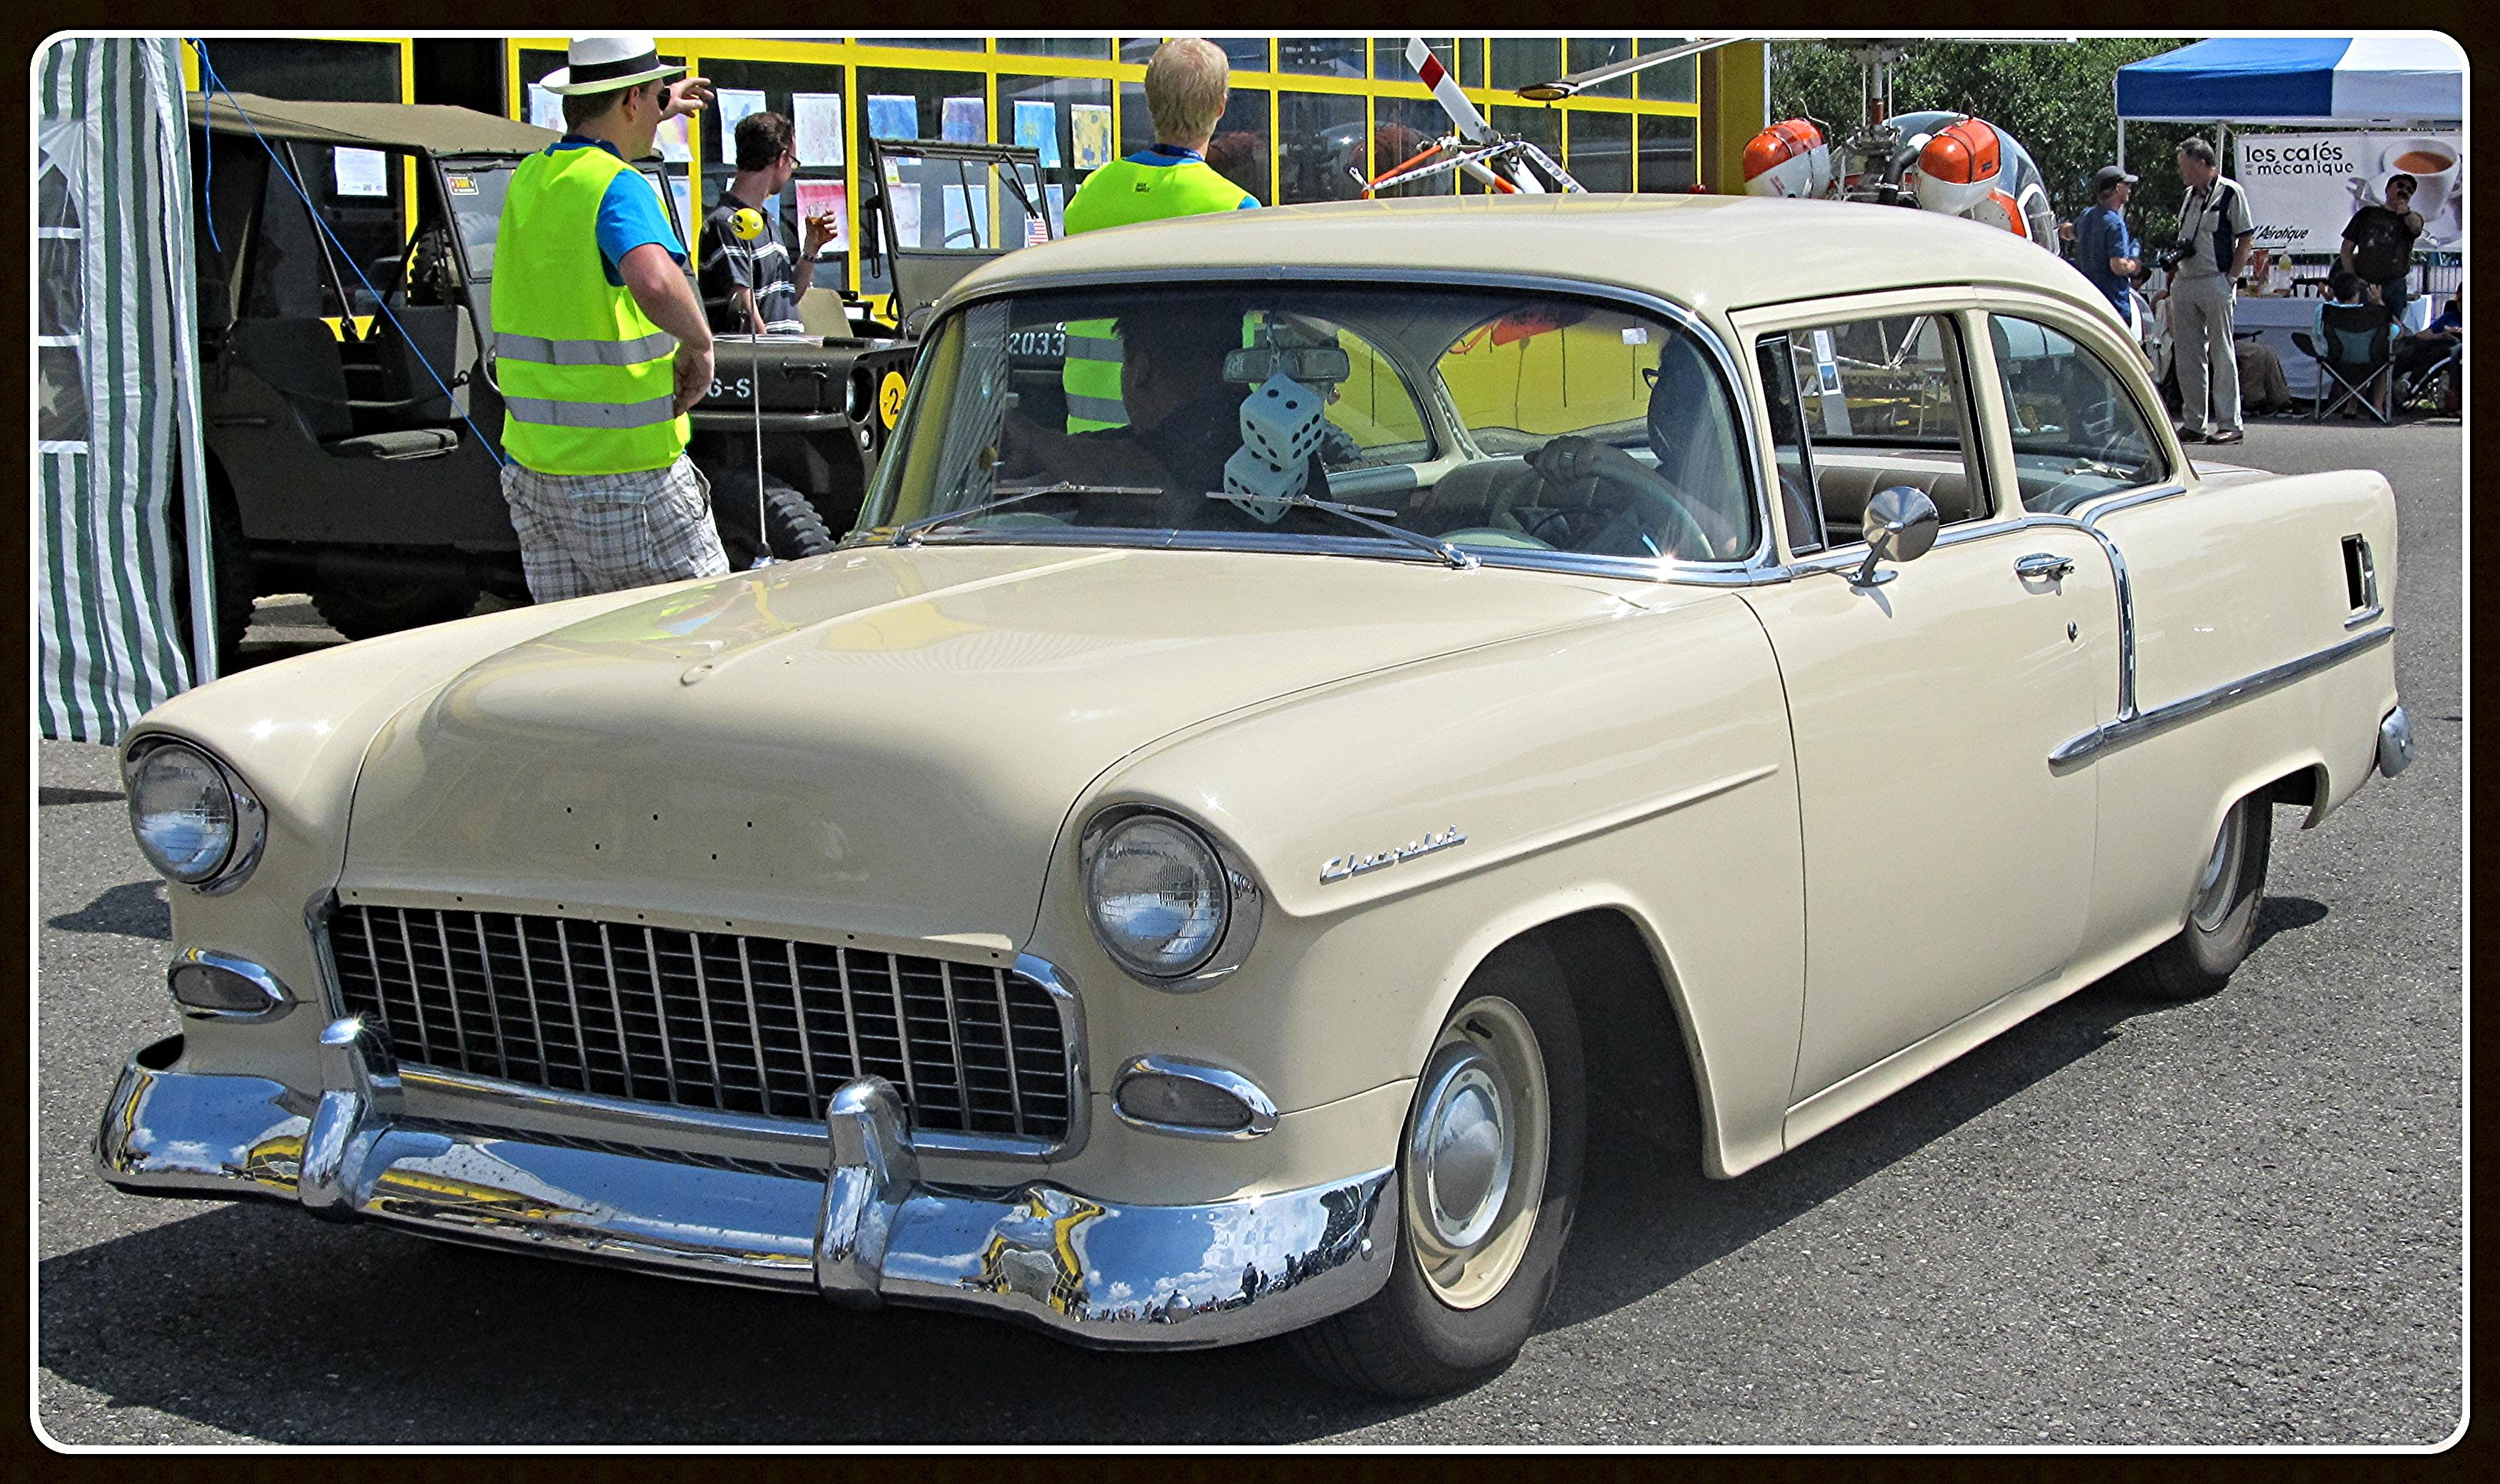 fond d 39 cran vieux voiture ancienne voiture classique oldtimer voiture personnalis e 1955. Black Bedroom Furniture Sets. Home Design Ideas